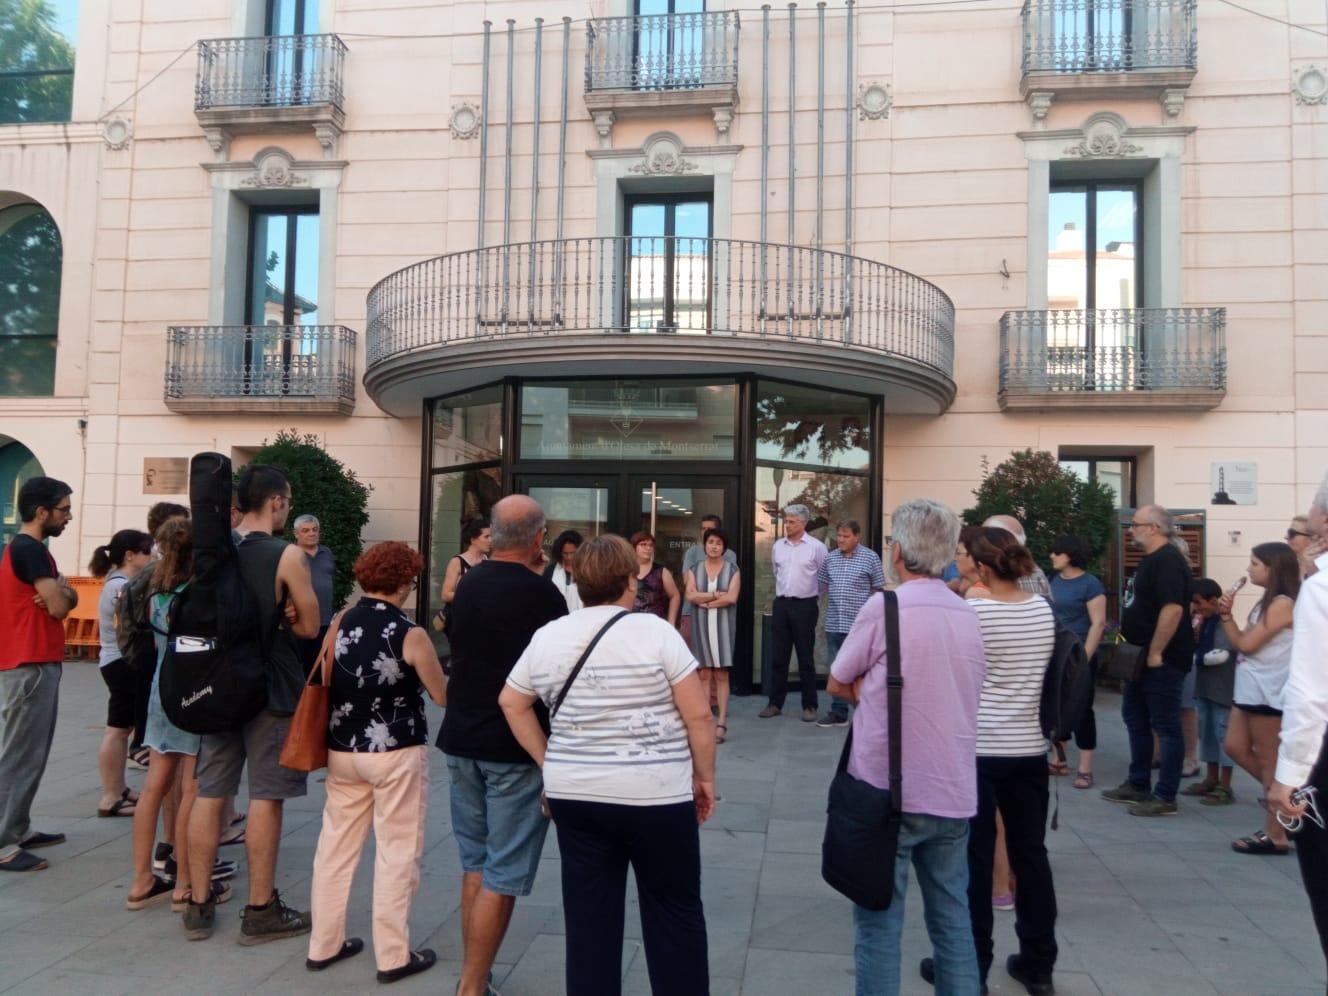 Miles de ciudadanos se concentran en la comarca para rechazar la presunta violación múltiple de Molins